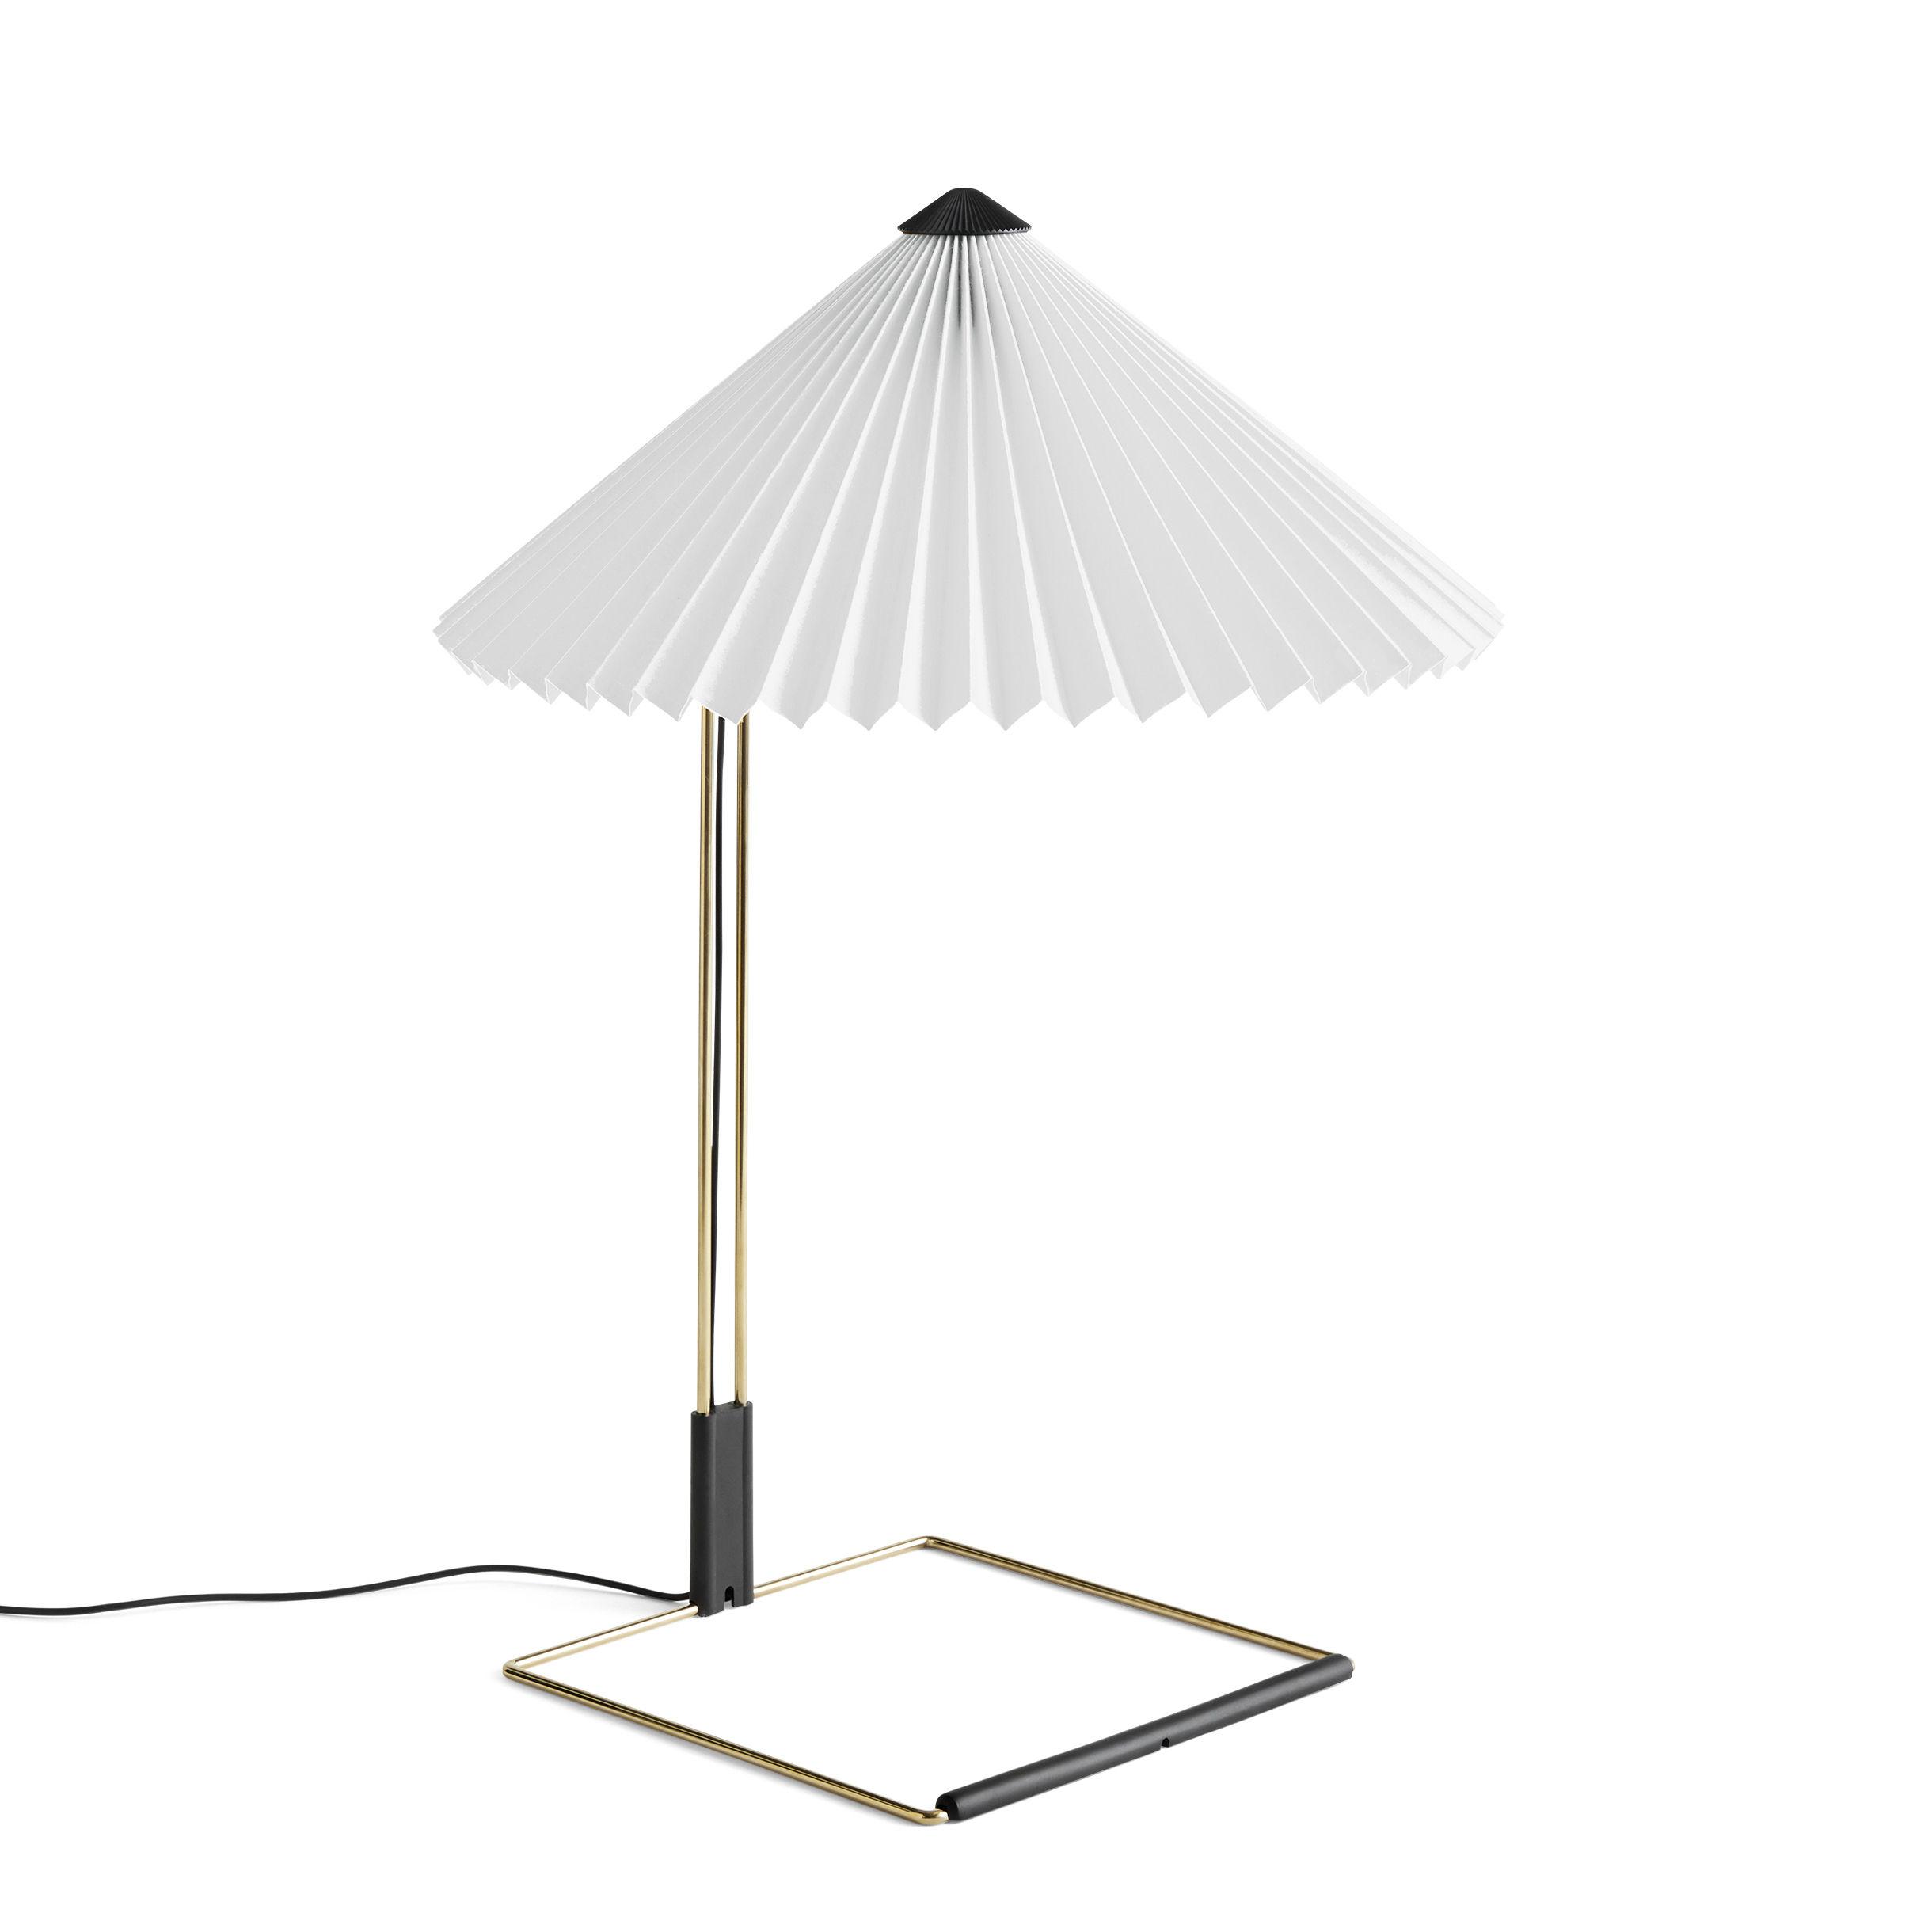 Luminaire - Lampes de table - Lampe de table Matin Large / LED - H 52 cm - Tissu & métal - Hay - Blanc / Laiton poli - Acier finition laiton, Coton plissé